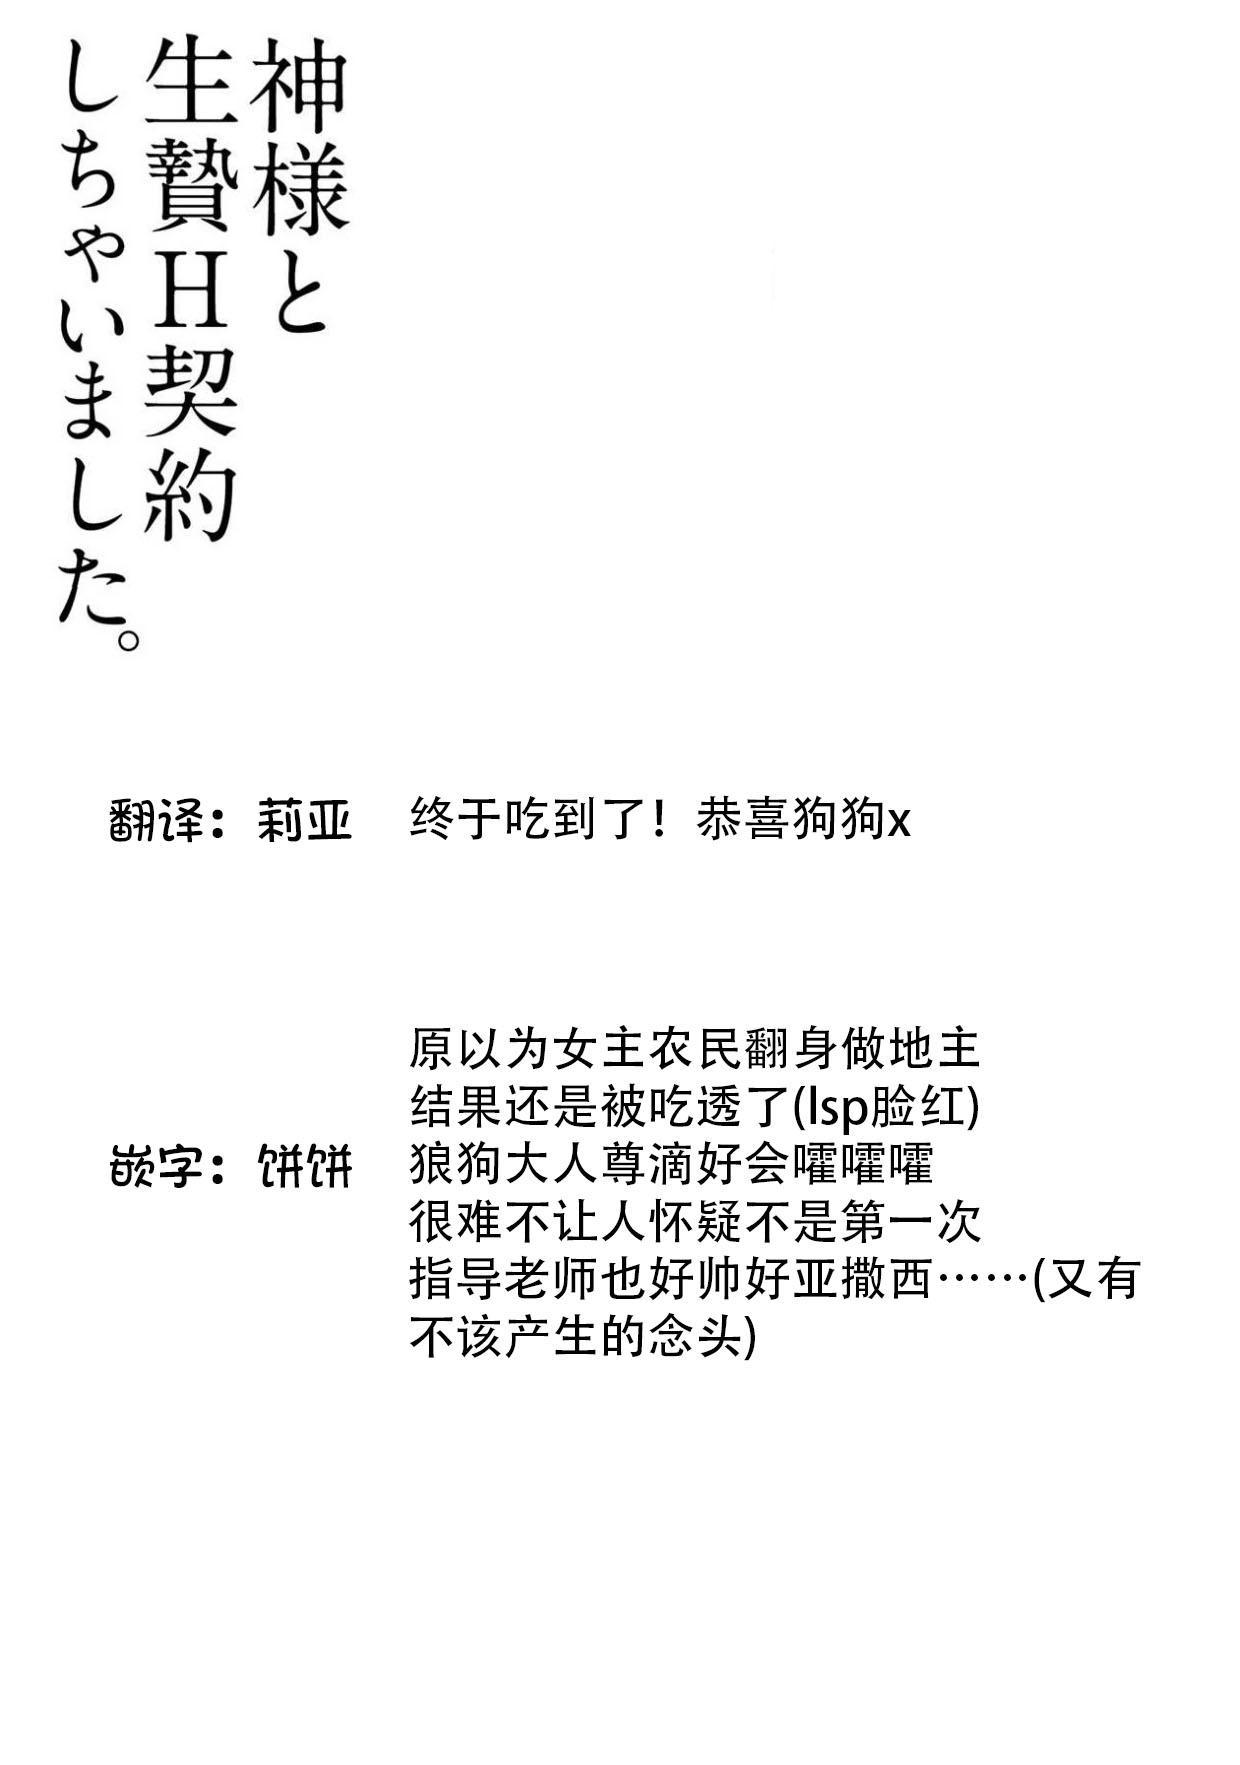 [Hachikawa Kyuu] Kami-sama to Ikenie H Keiyaku Shichaimashita | 我与神明大人签订了祭品H契约 1-3 [Chinese] [莉赛特汉化组] 54